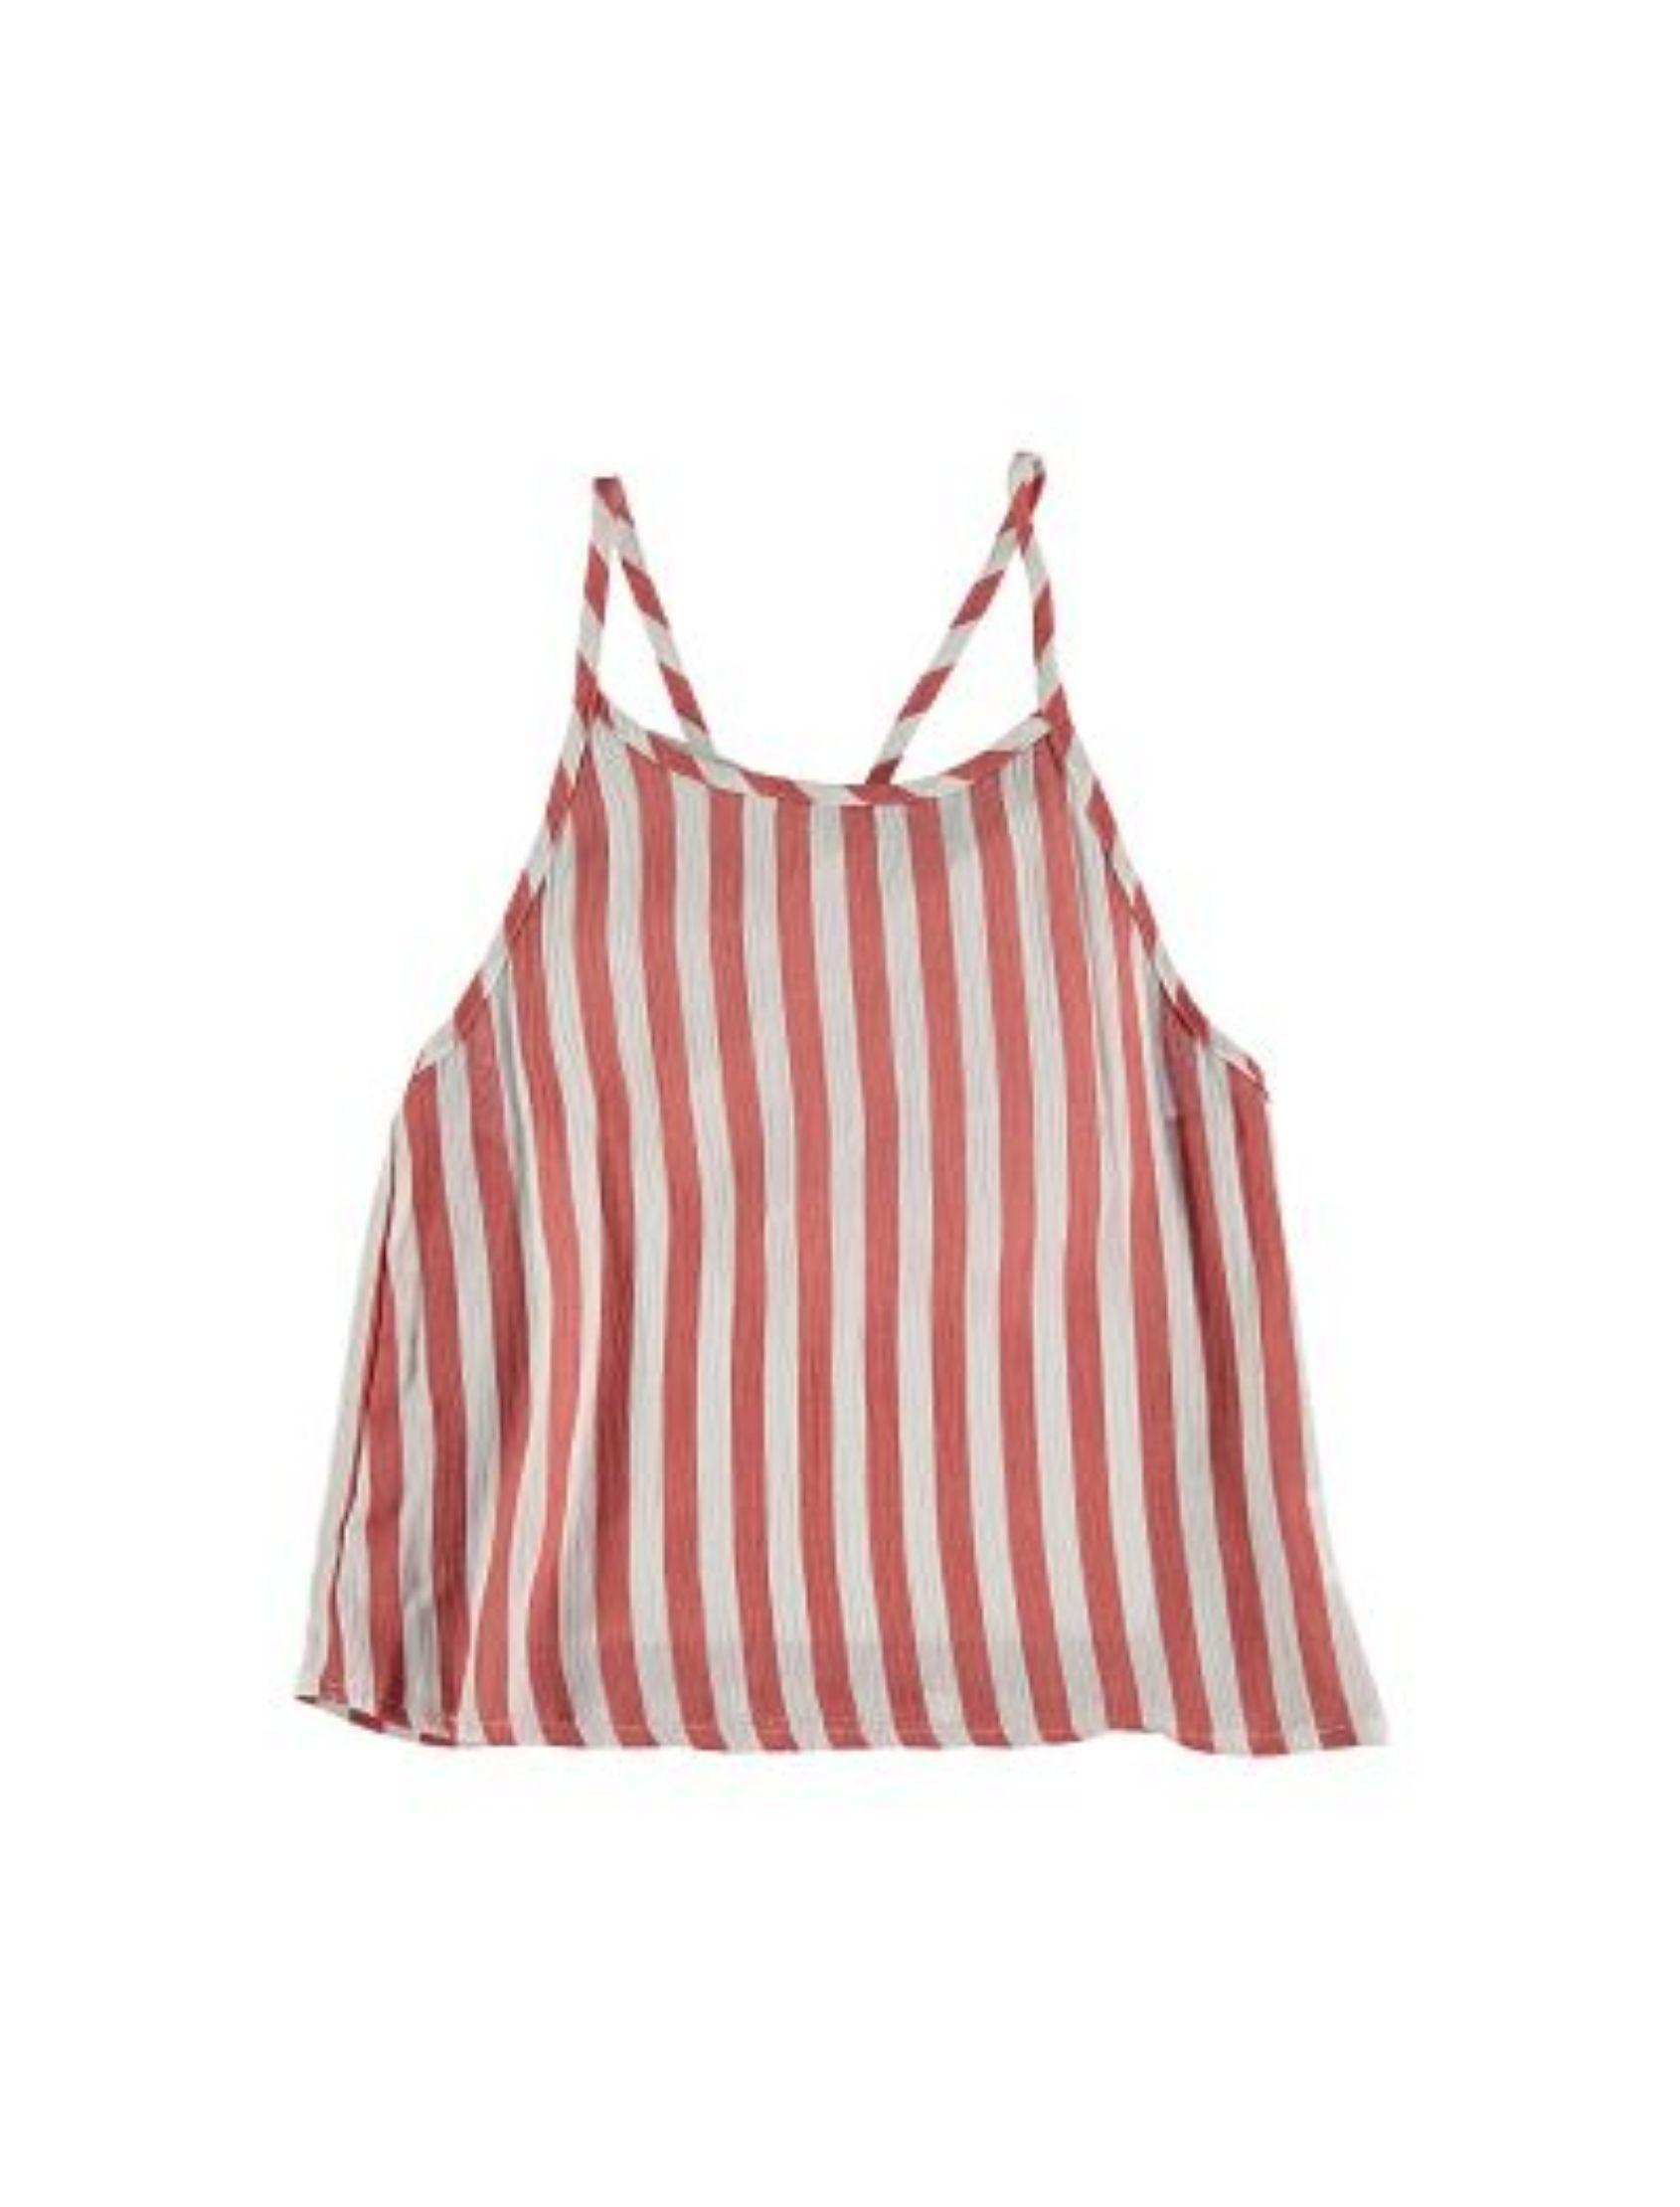 blusa top de rayas en rojo y blanco de piñata pum